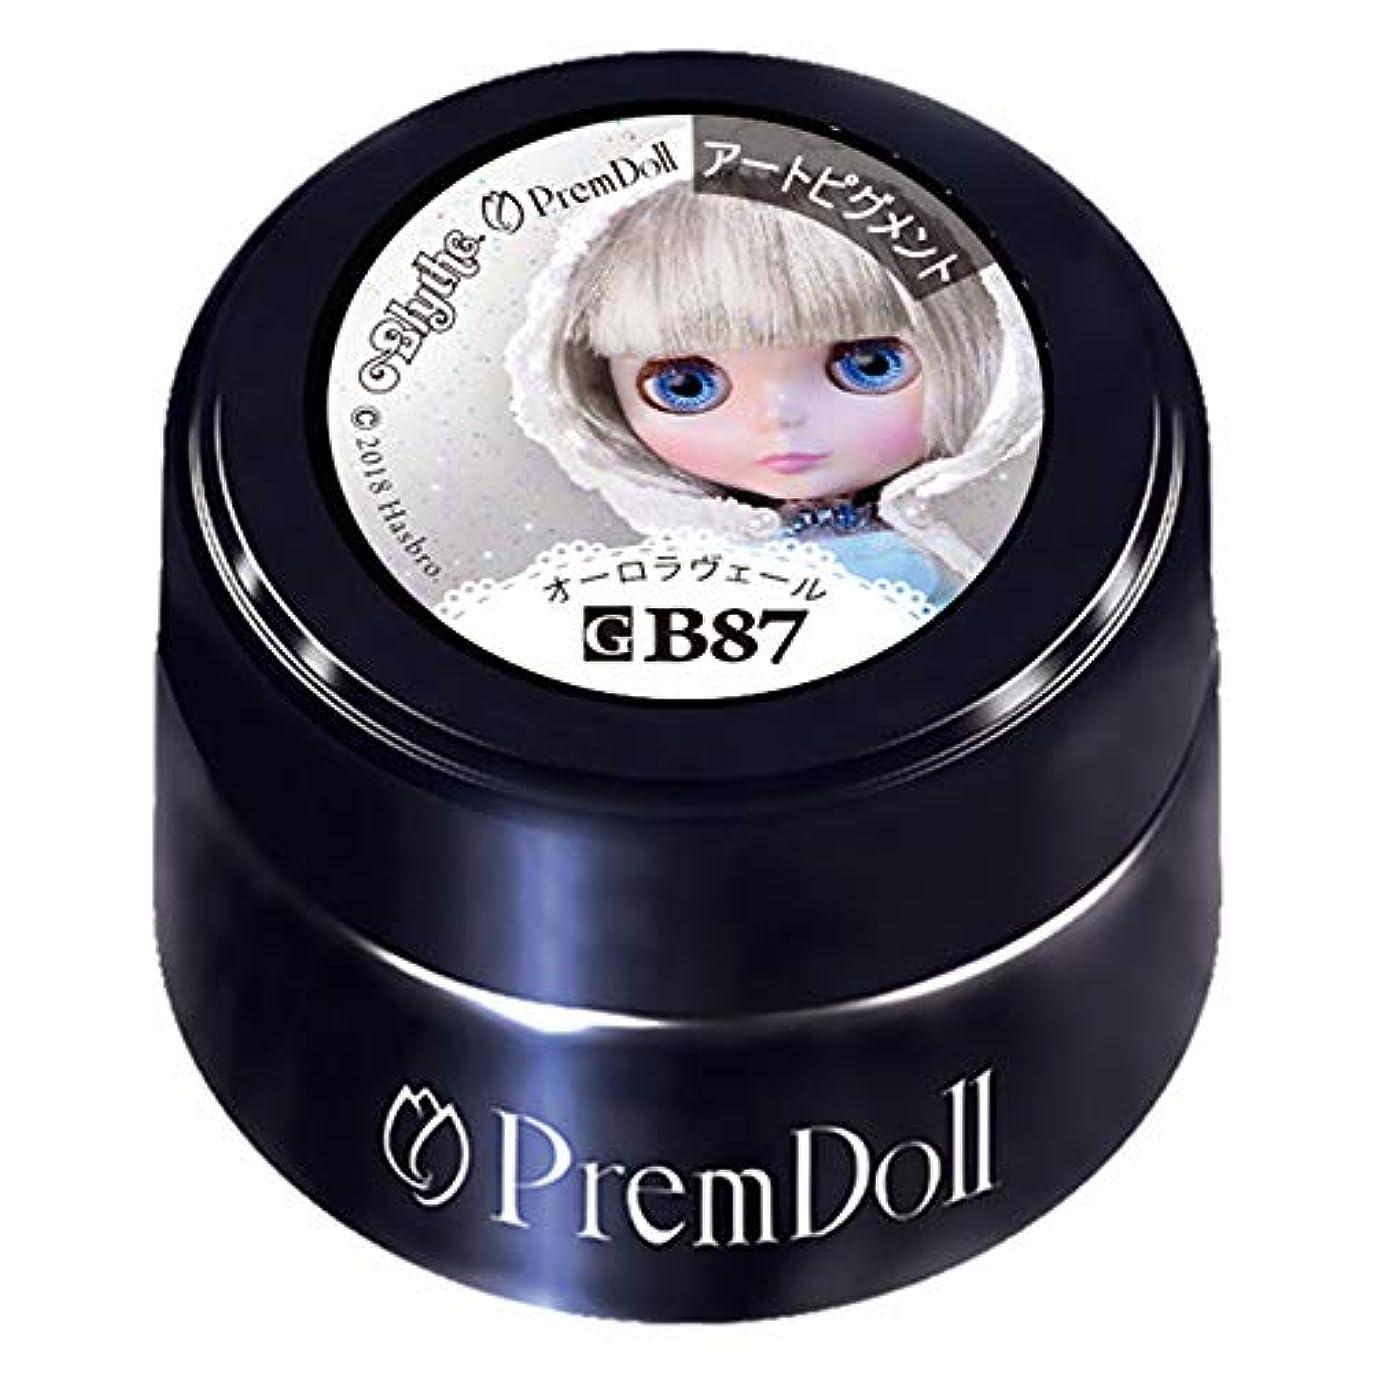 今まで注釈装置PRE GEL プリムドール オーロラヴェール87 DOLL-B87 3g カラージェル UV/LED対応